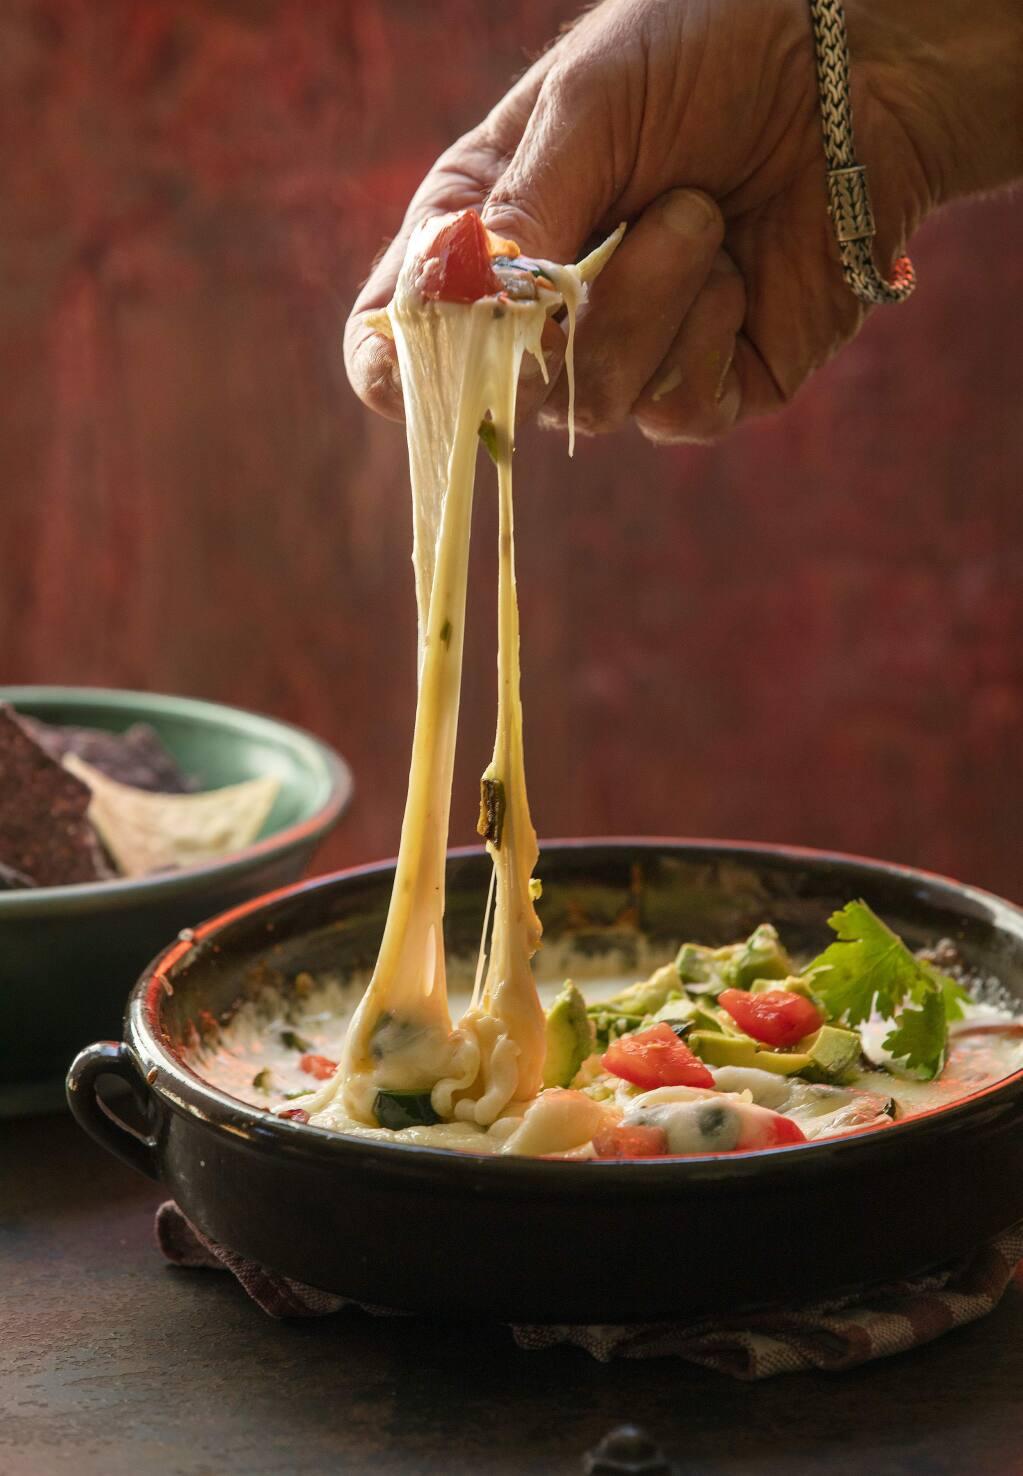 Fundido con queso, a Mexican fondue with tomatillo salsa,from Chef John Ash. (John Burgess/The Press Democrat)